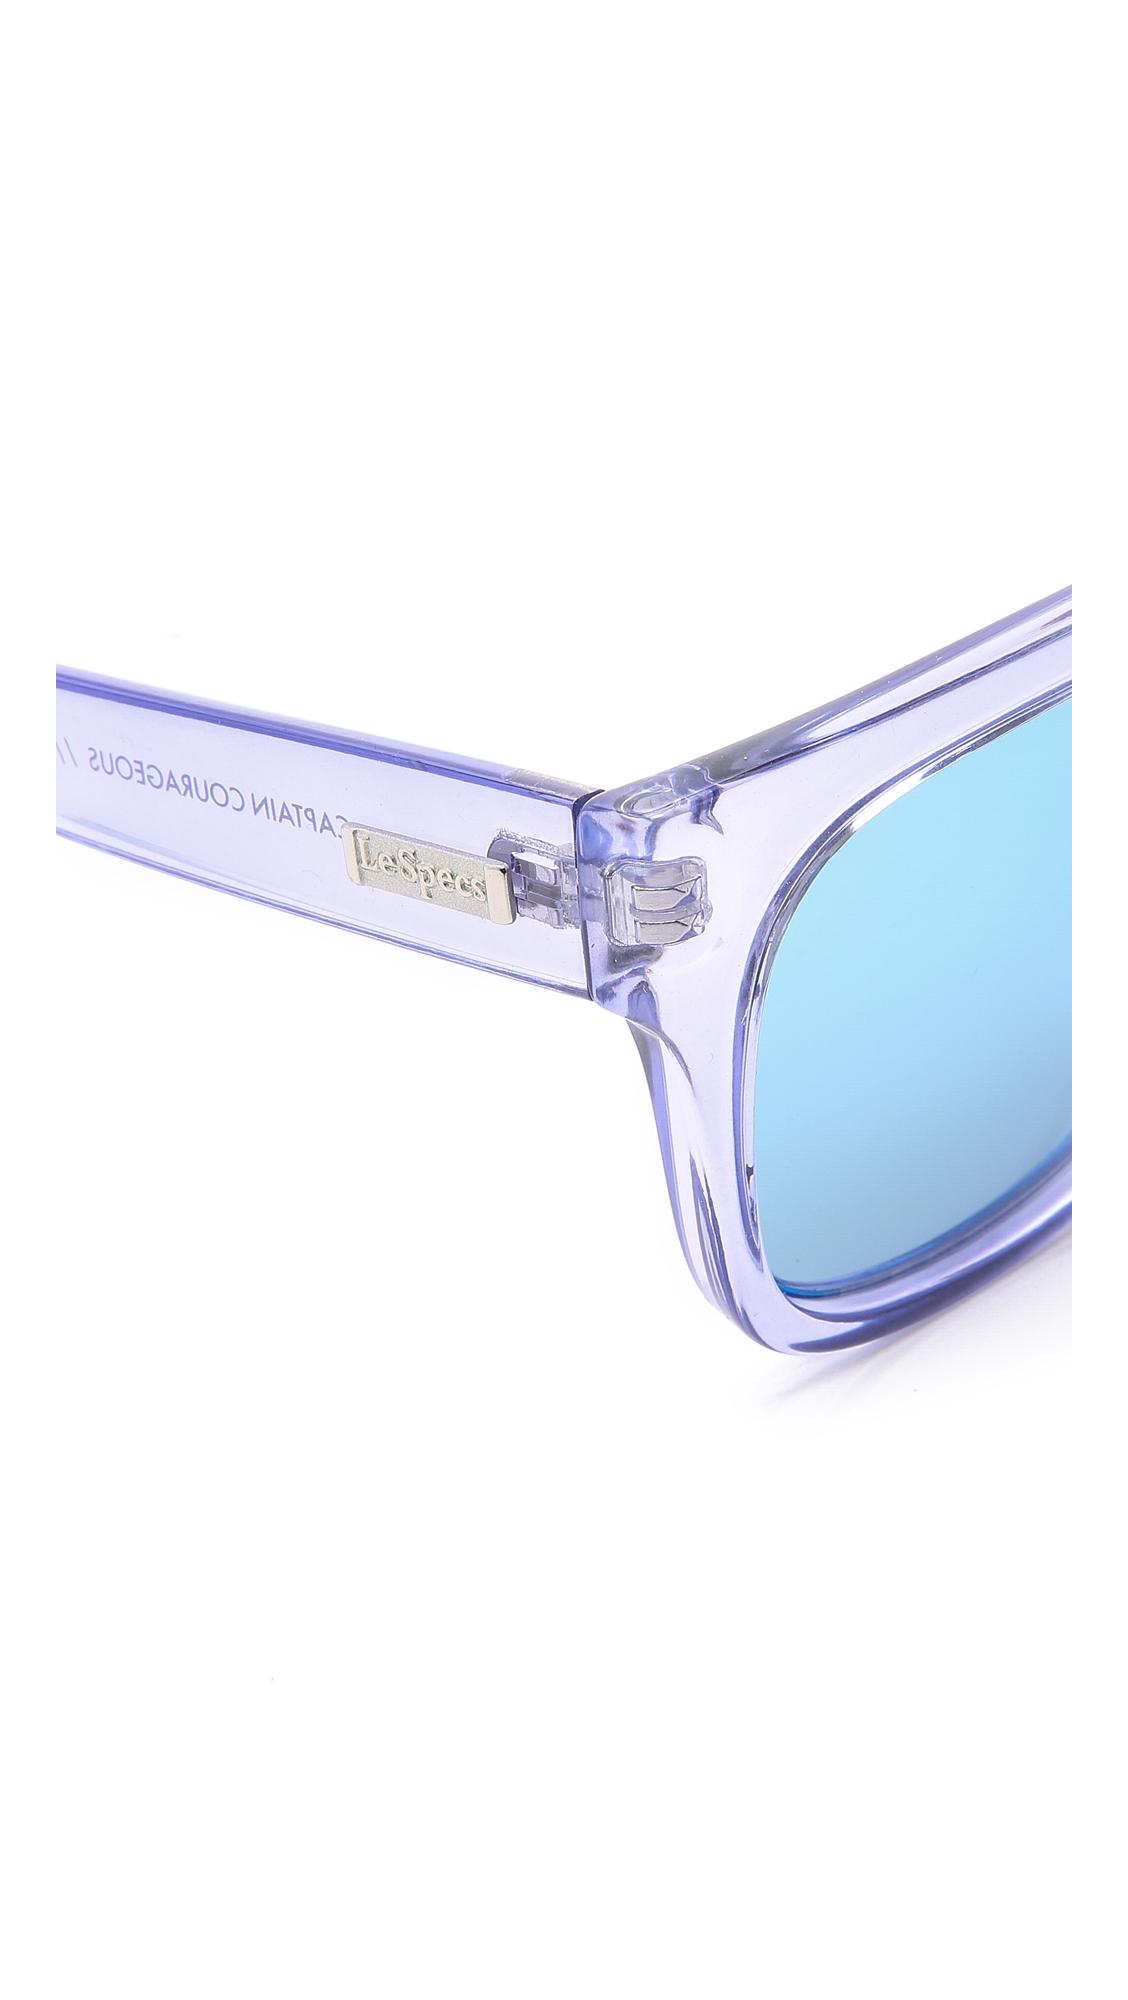 fcc5e040777 Glacier Sunglasses Canada « One More Soul